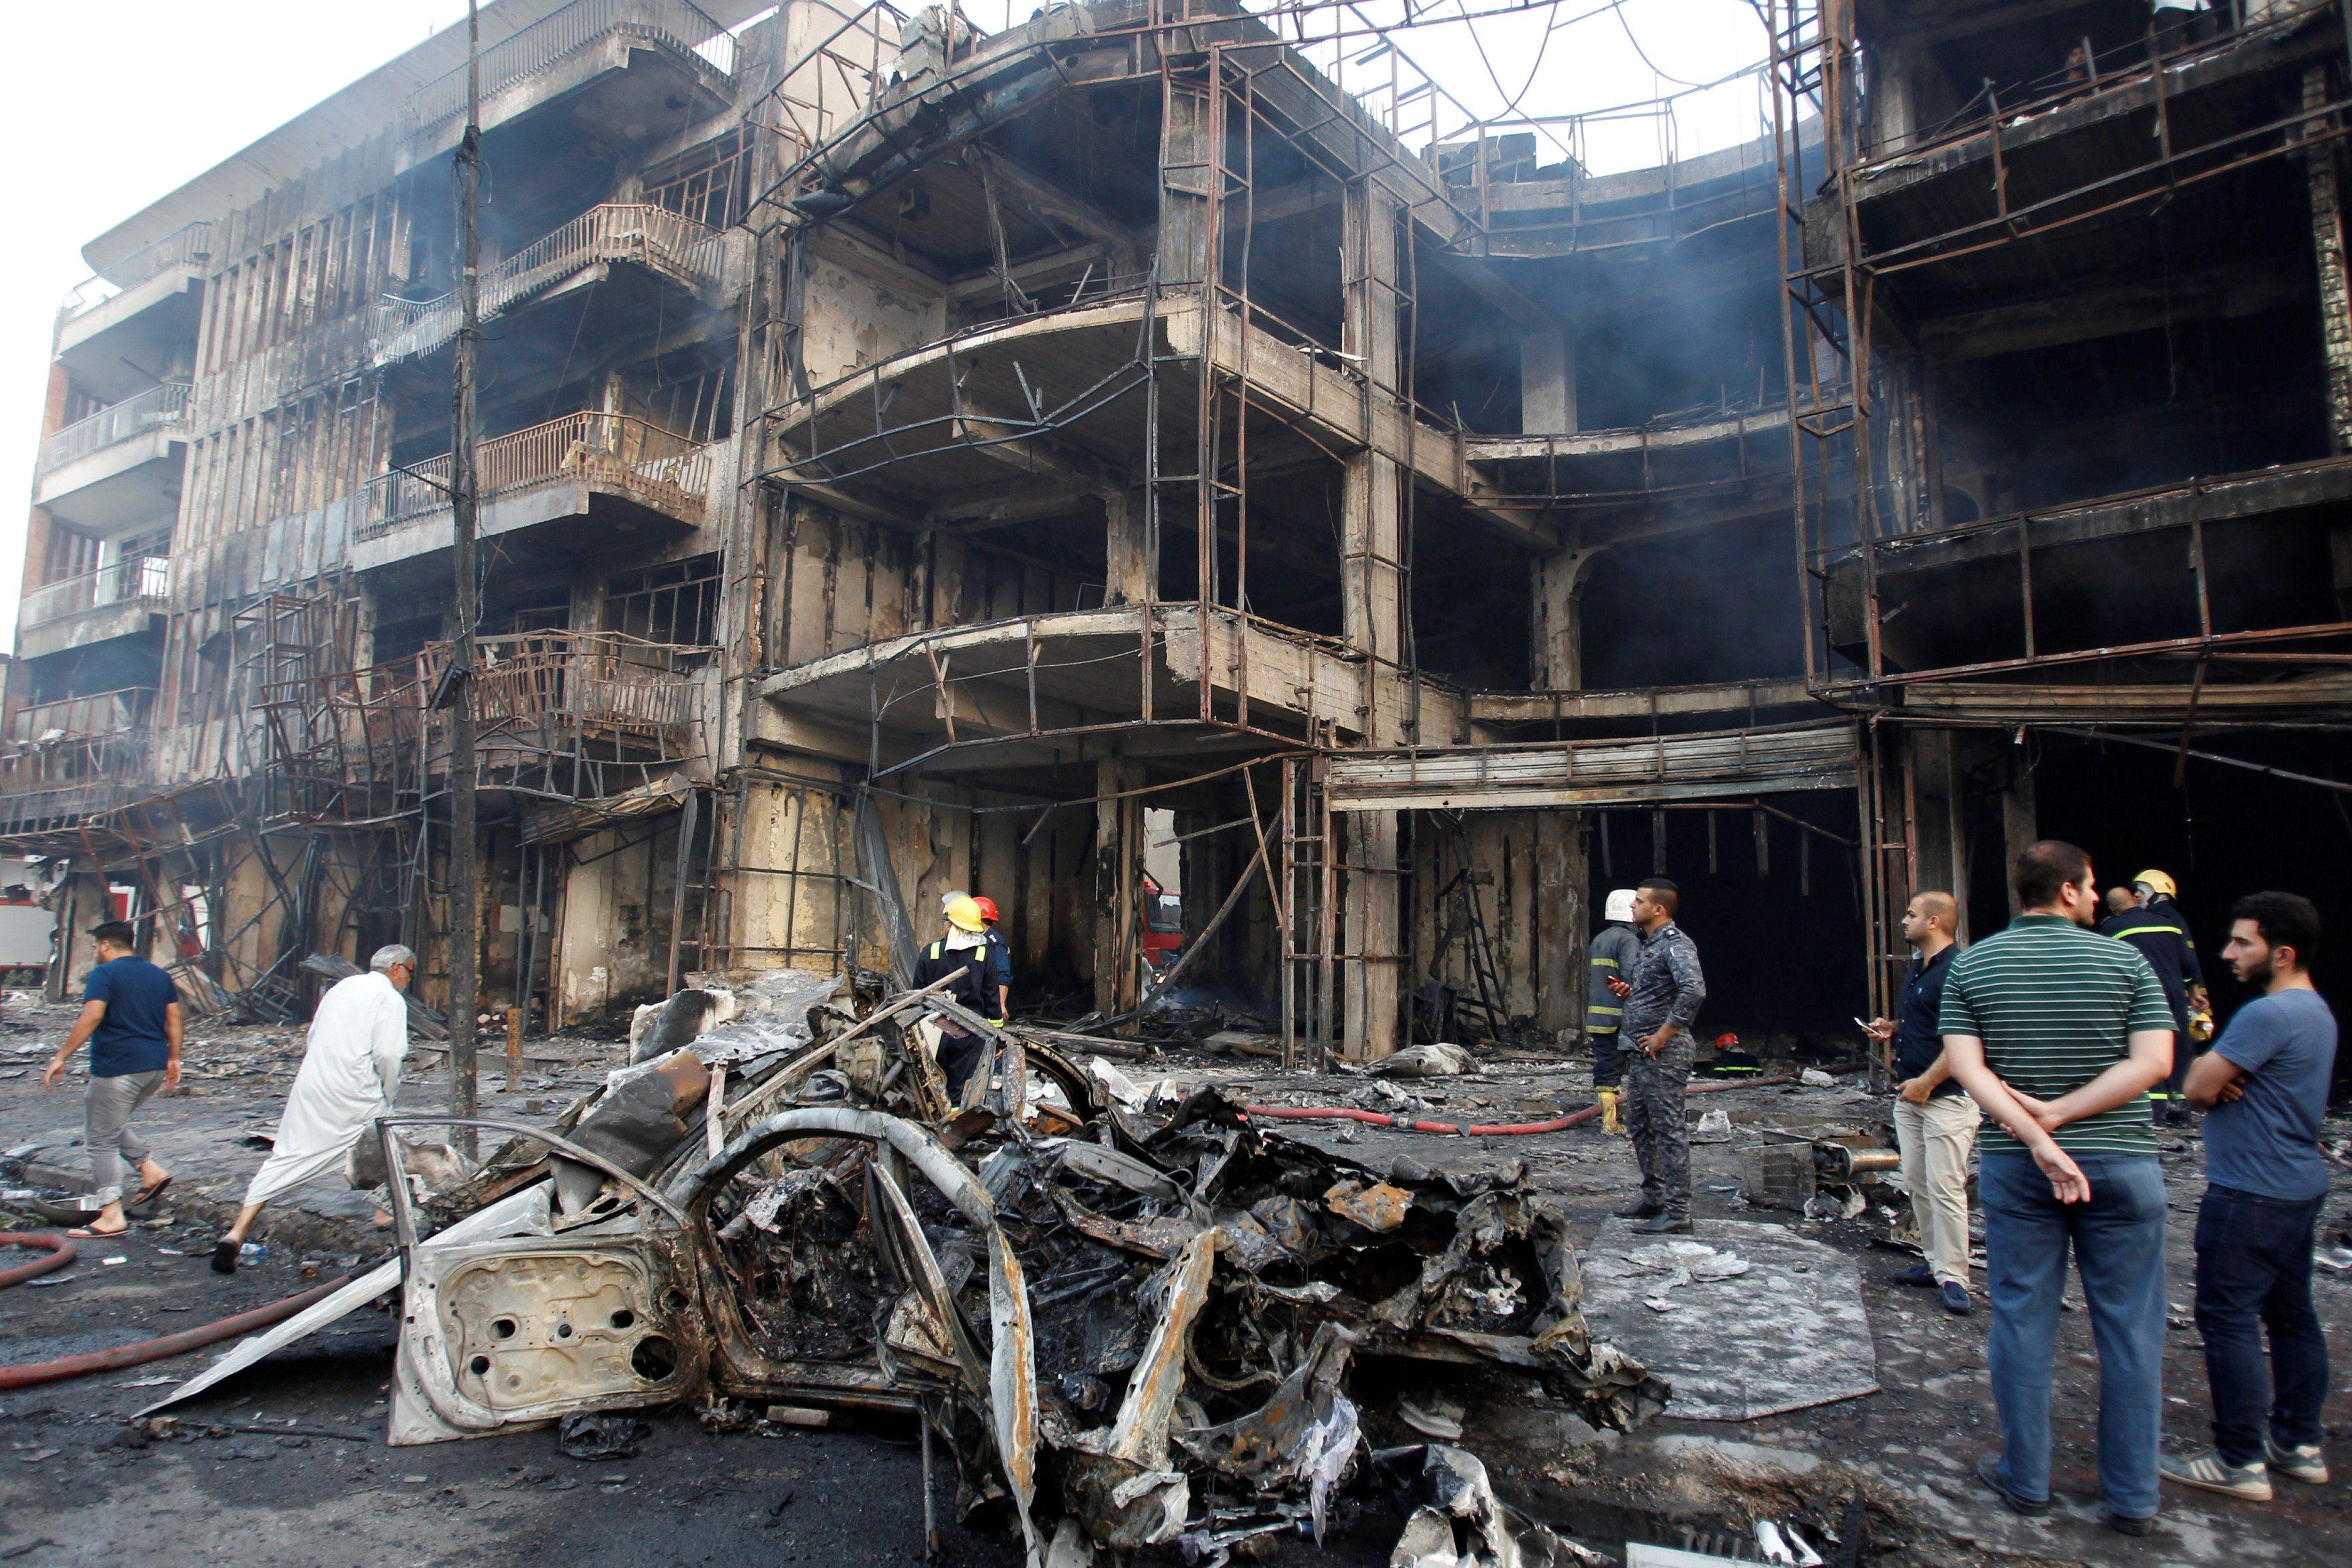 Ruševine u Bagdadu nakon strašnog terorističkog napada 3.7.2016.